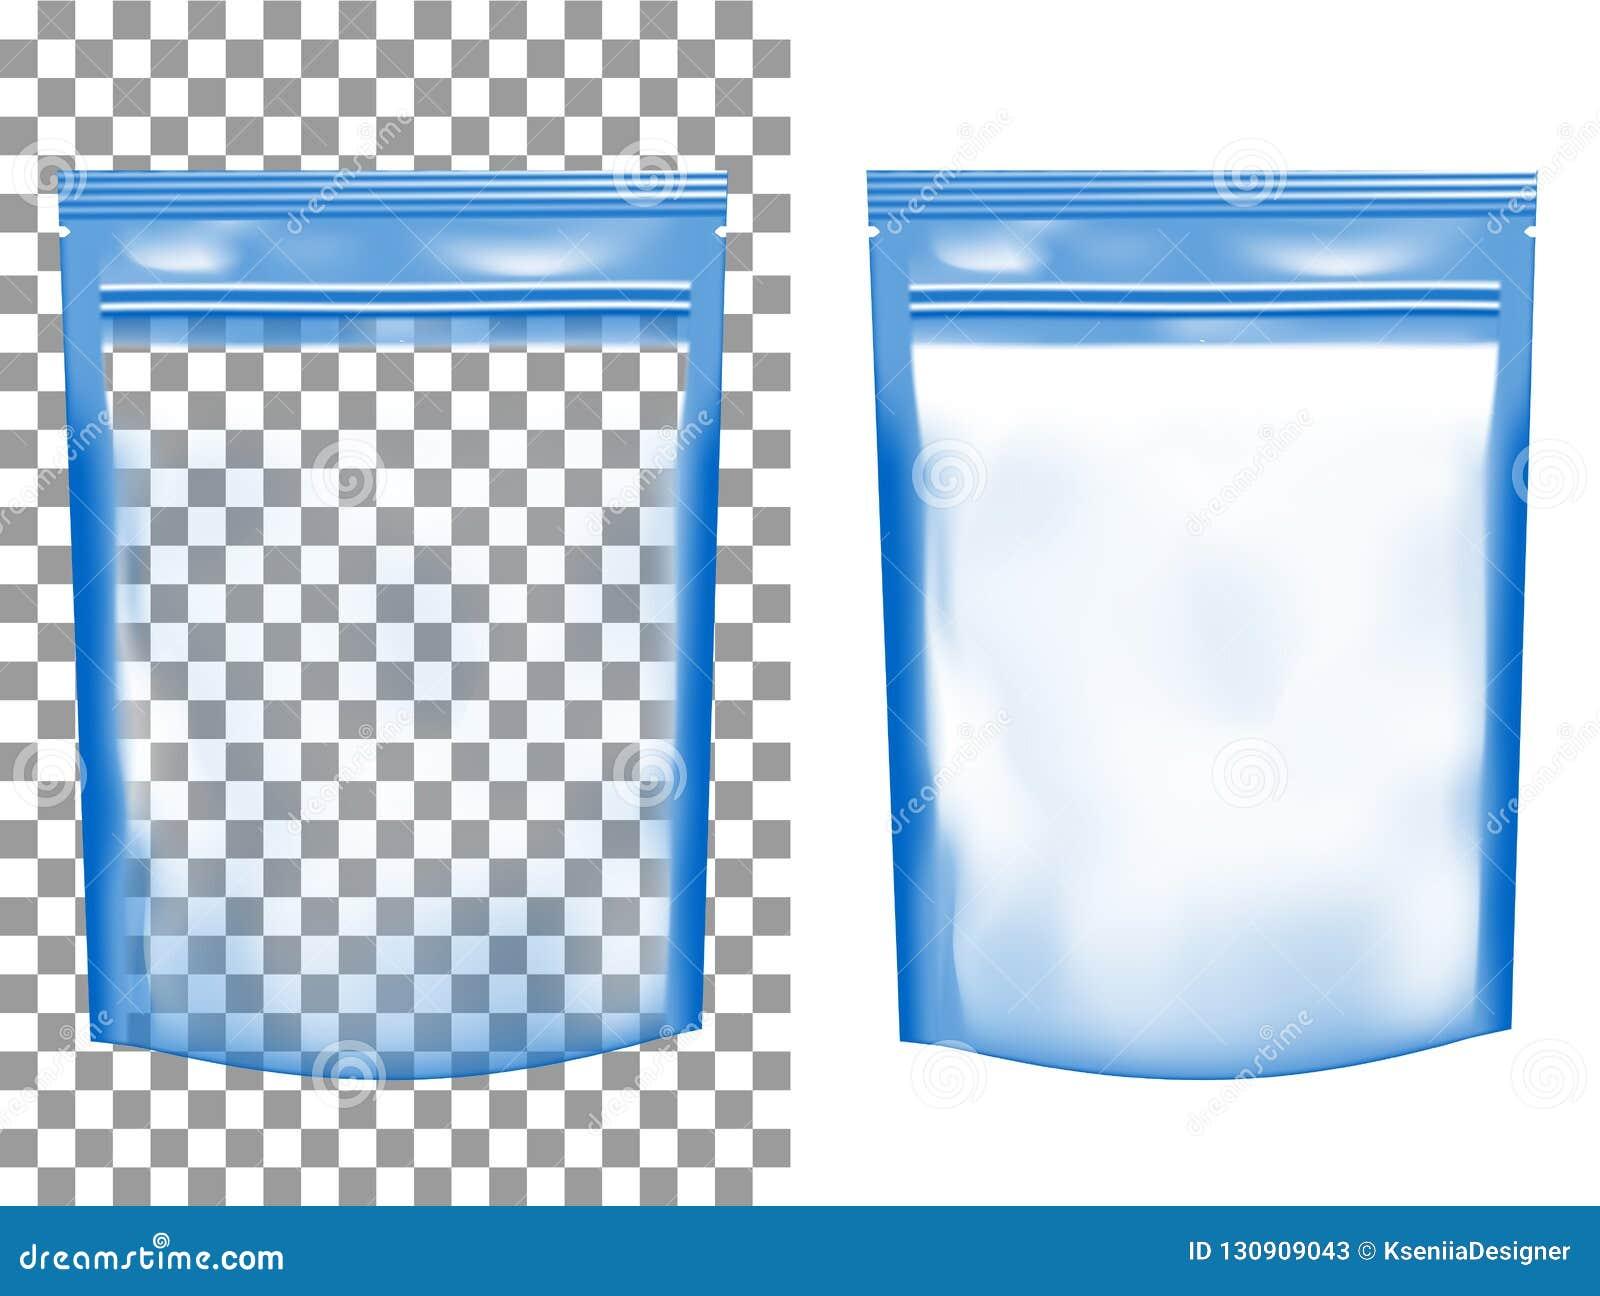 透明空塑料封装与拉链 空白的箔sach